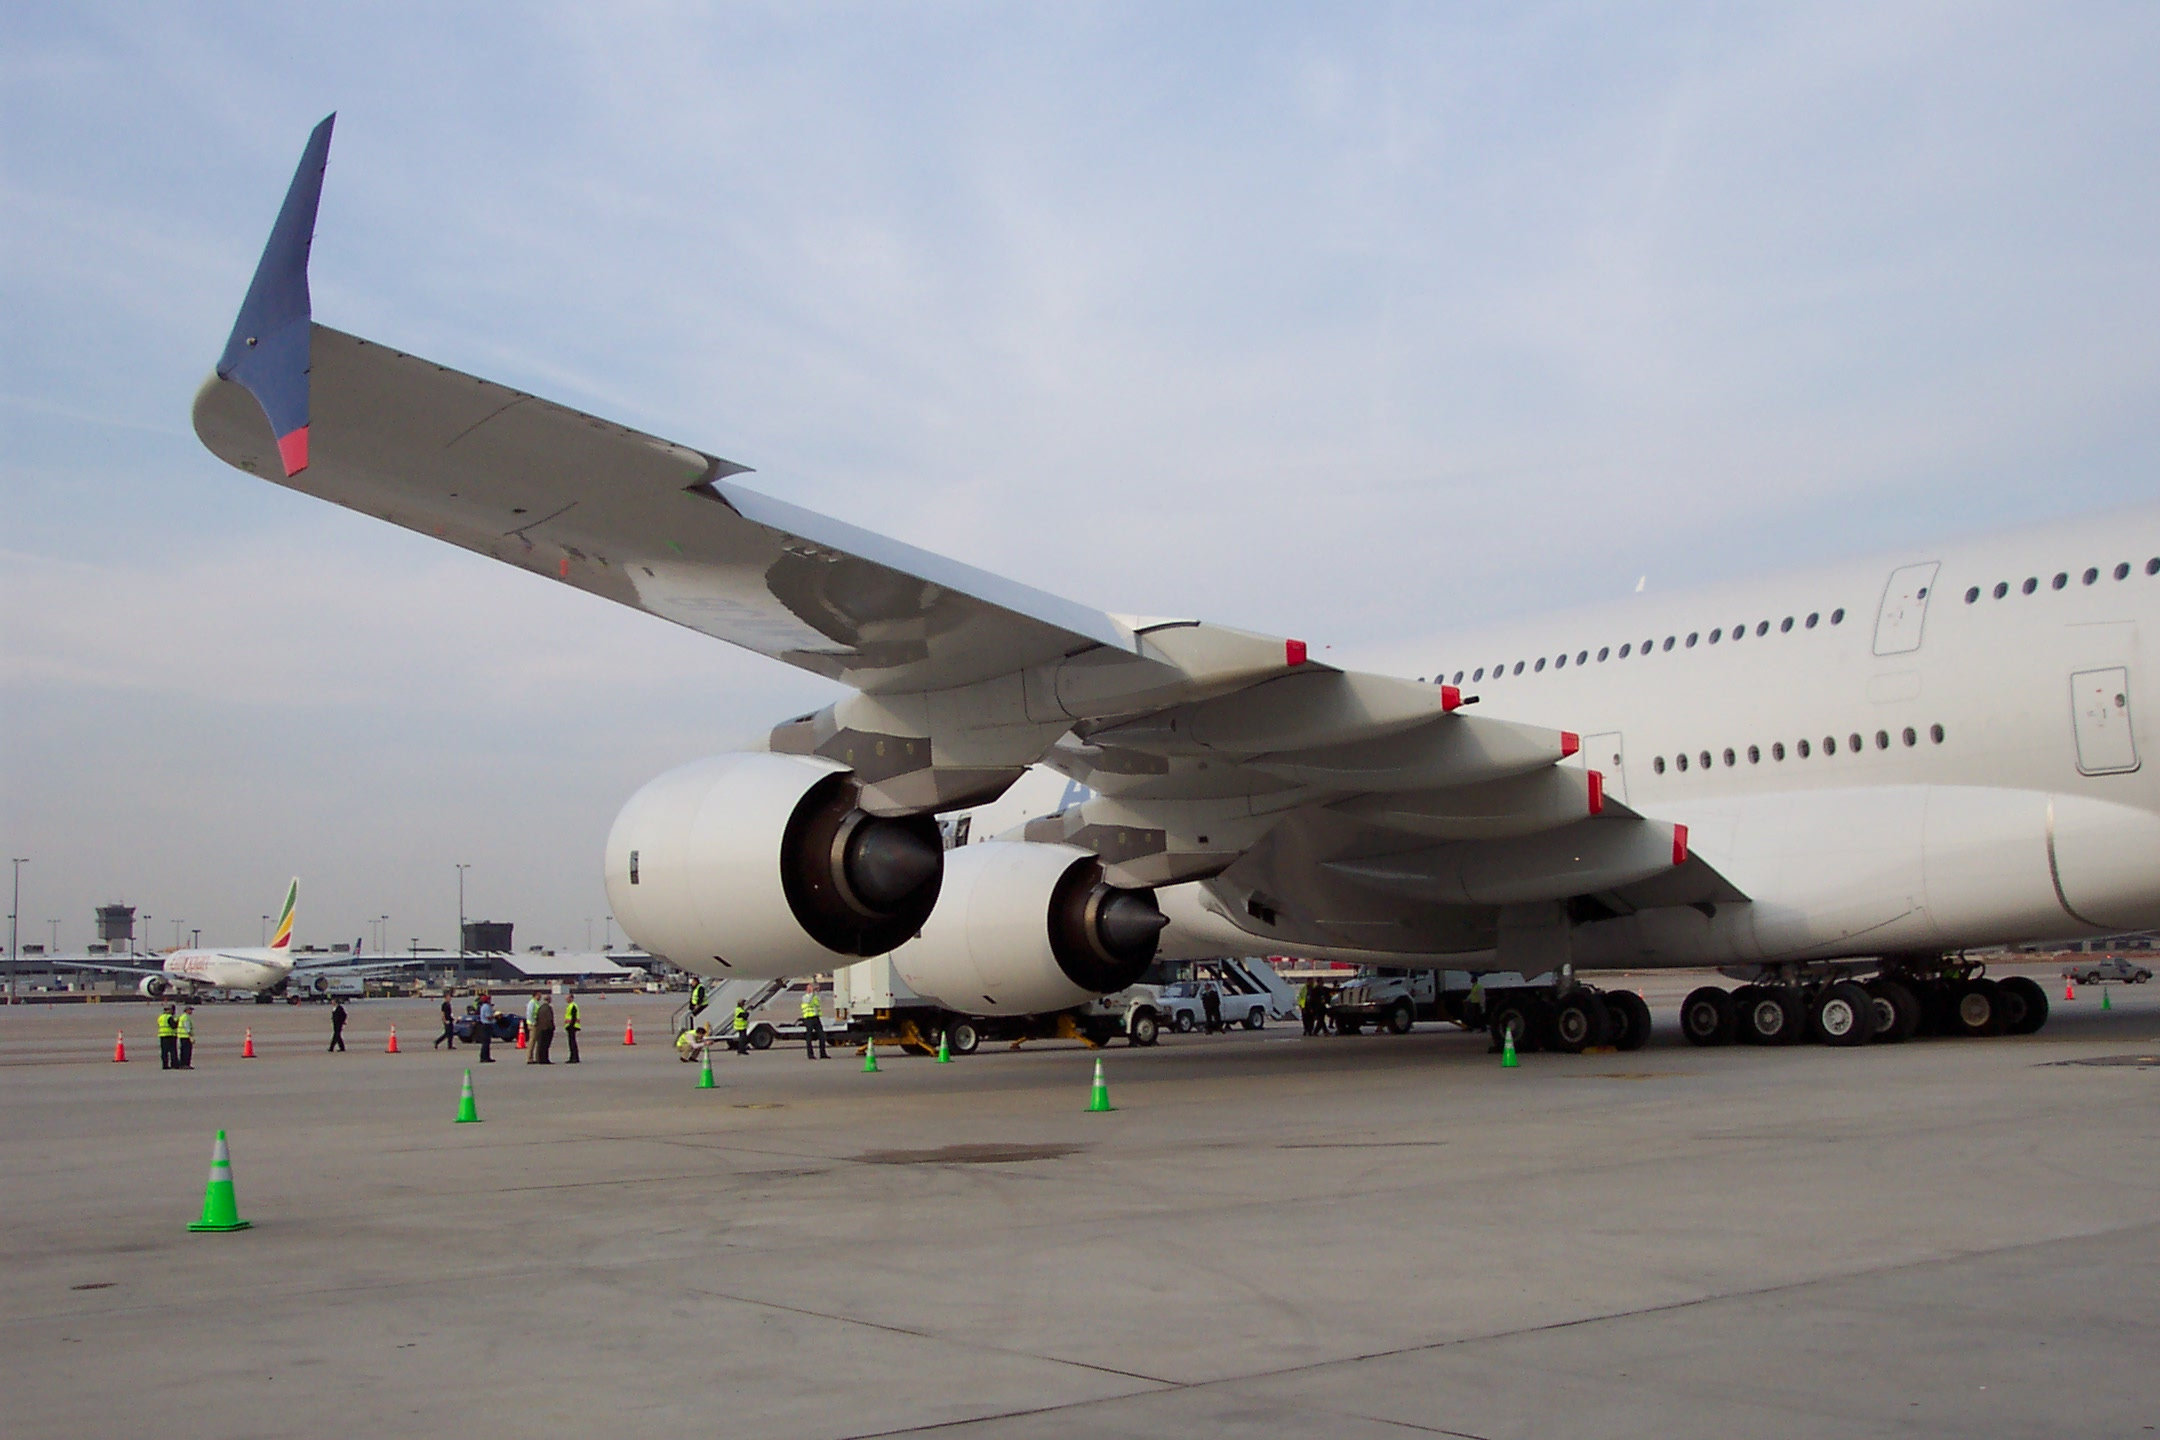 http://www-personal.umich.edu/~cortneyr/A380/A380_04.jpg